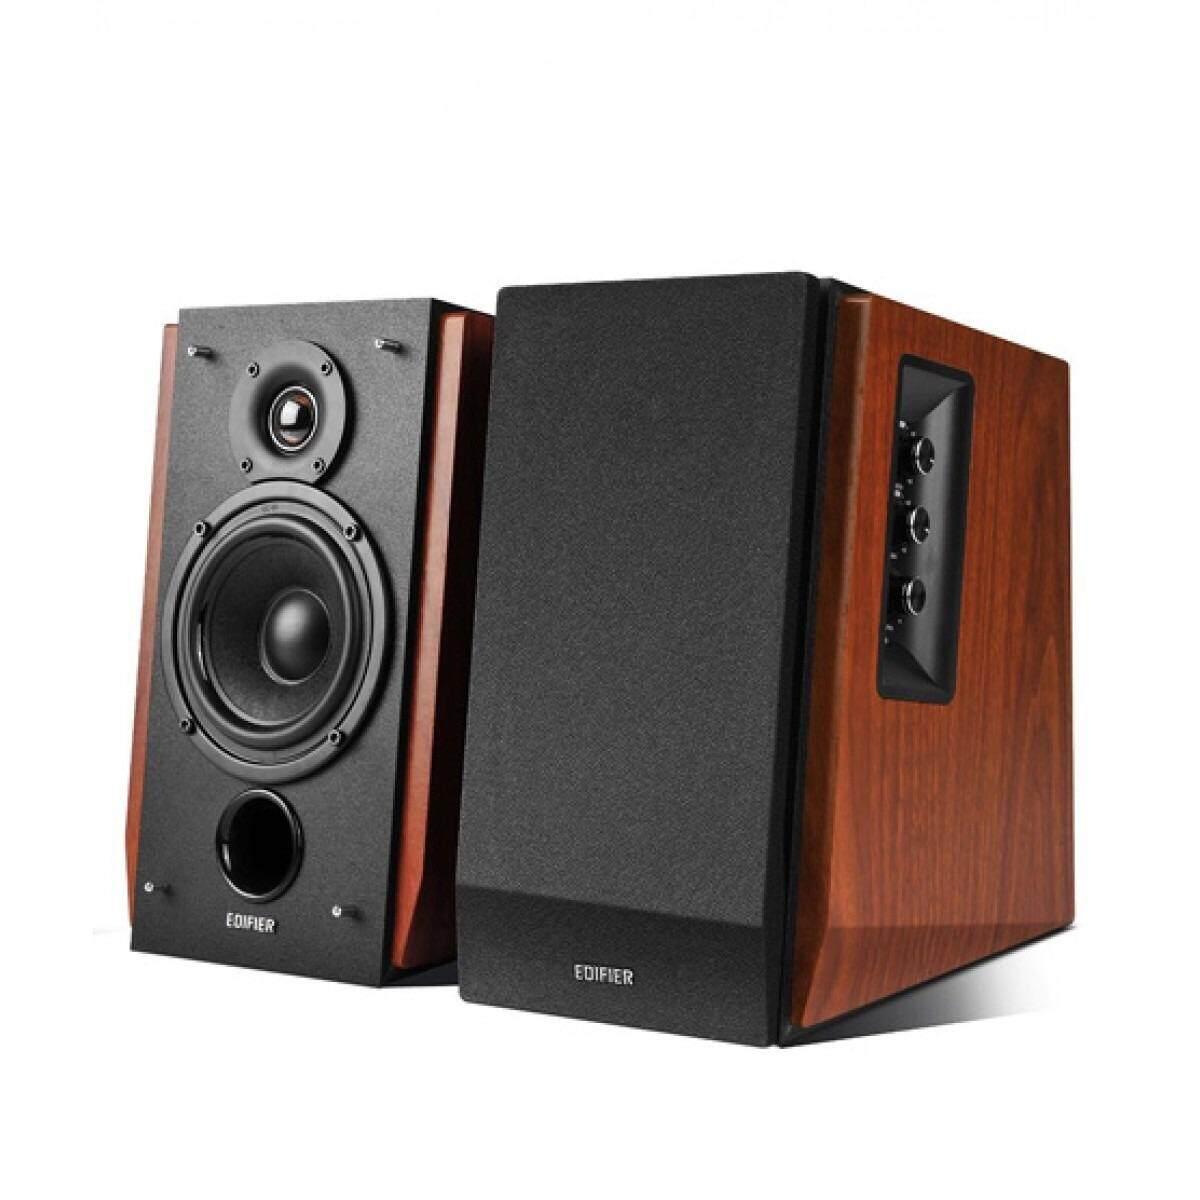 สอนใช้งาน  แม่ฮ่องสอน Edifier R1700BT Multifunctional speakers for your everyday needs ลำโพงระบบ 2.0 รับประกัน 2 ปี